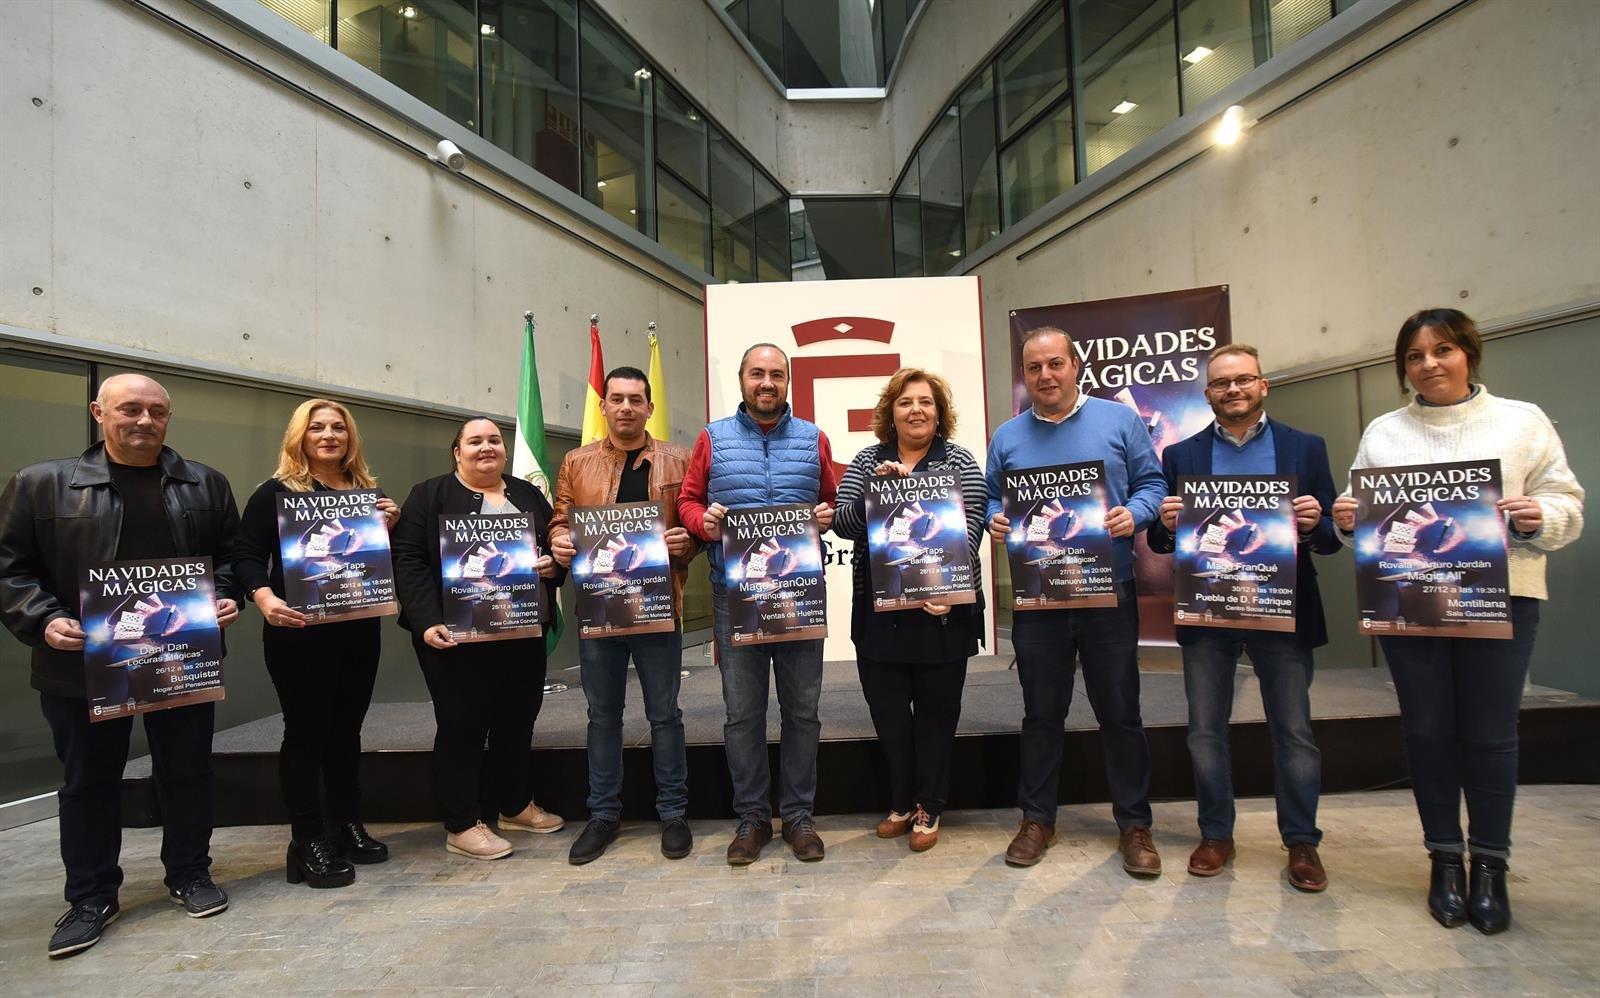 La Diputación amplía el programa 'Navidades Mágicas' a 20 municipios de la provincia